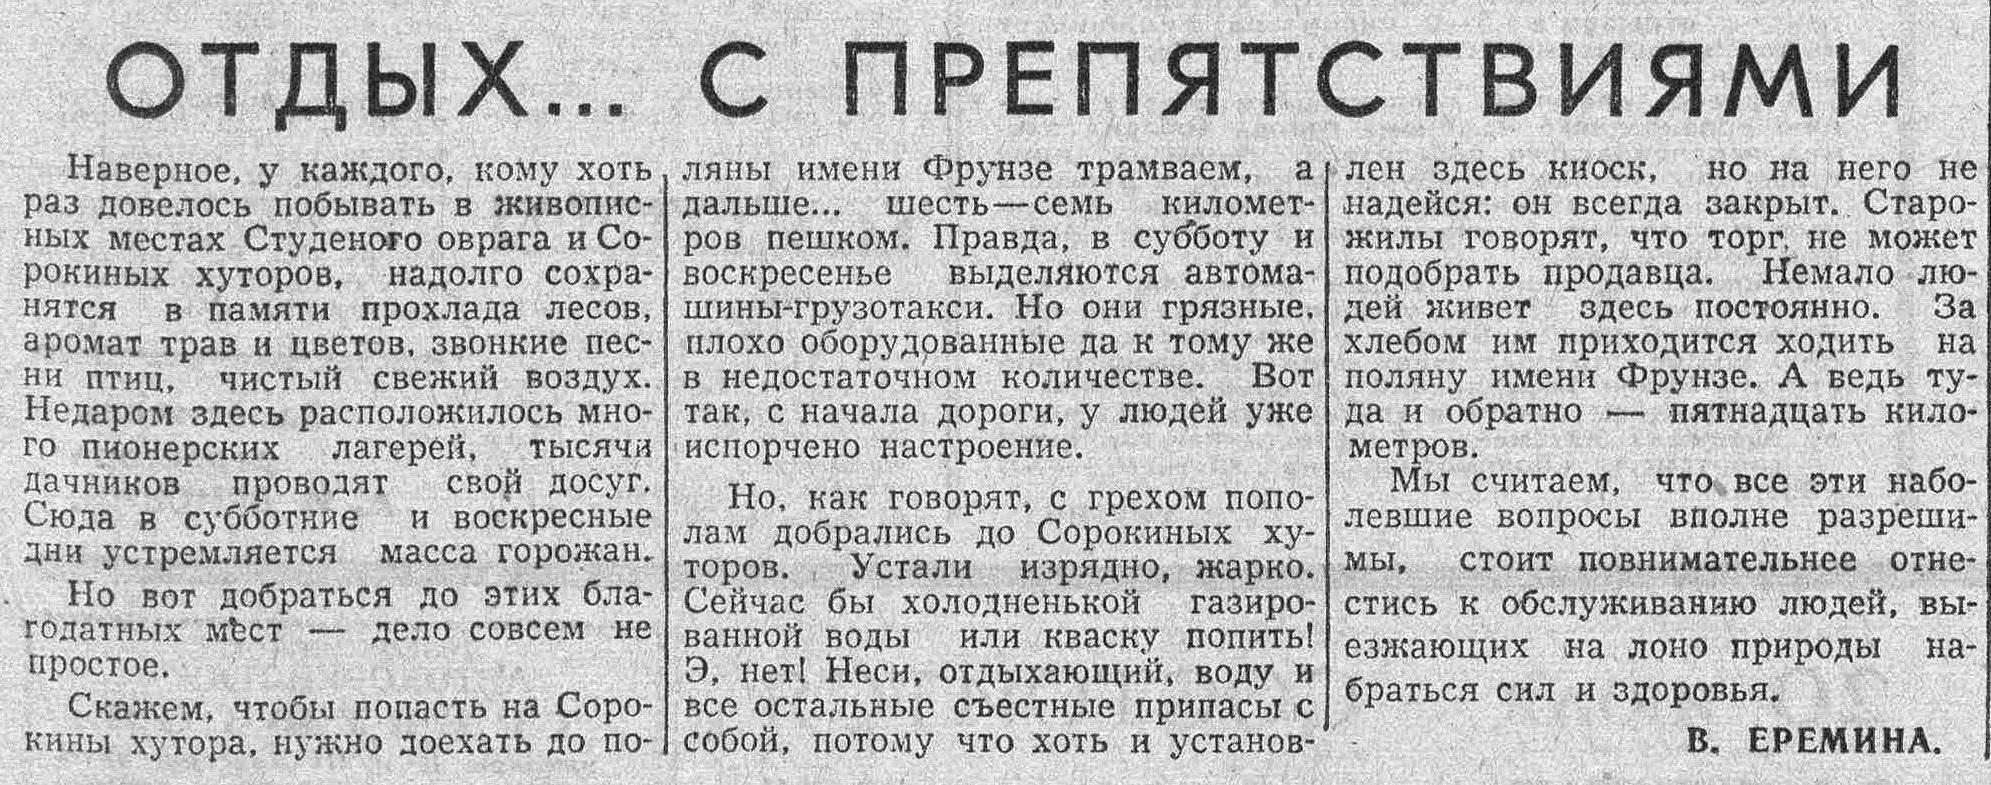 Демократическая-ФОТО-08-ВКа-1966-07-07-дорога от Поляны на Сорокины Хутора